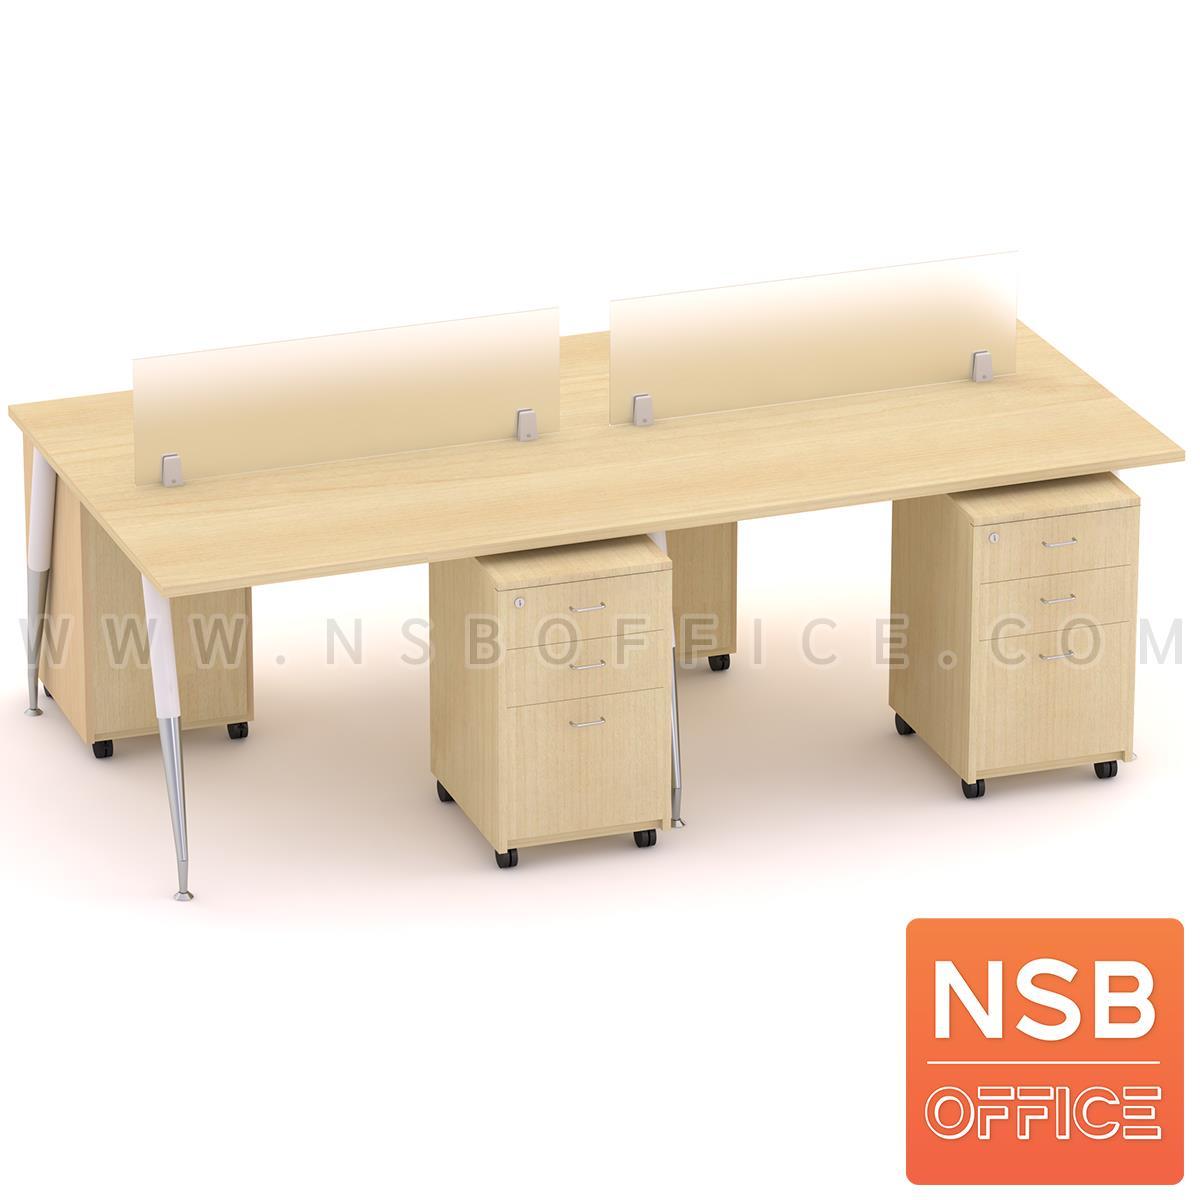 A27A056:ชุดโต๊ะทำงานกลุ่ม 4 ที่นั่ง  รุ่น Panettone ll (พาเน็ตโทน 2)  ขนาด 240W*120D cm.  พร้อมมินิสกรีนและตู้ลิ้นชักไม้ล้อเลื่อน